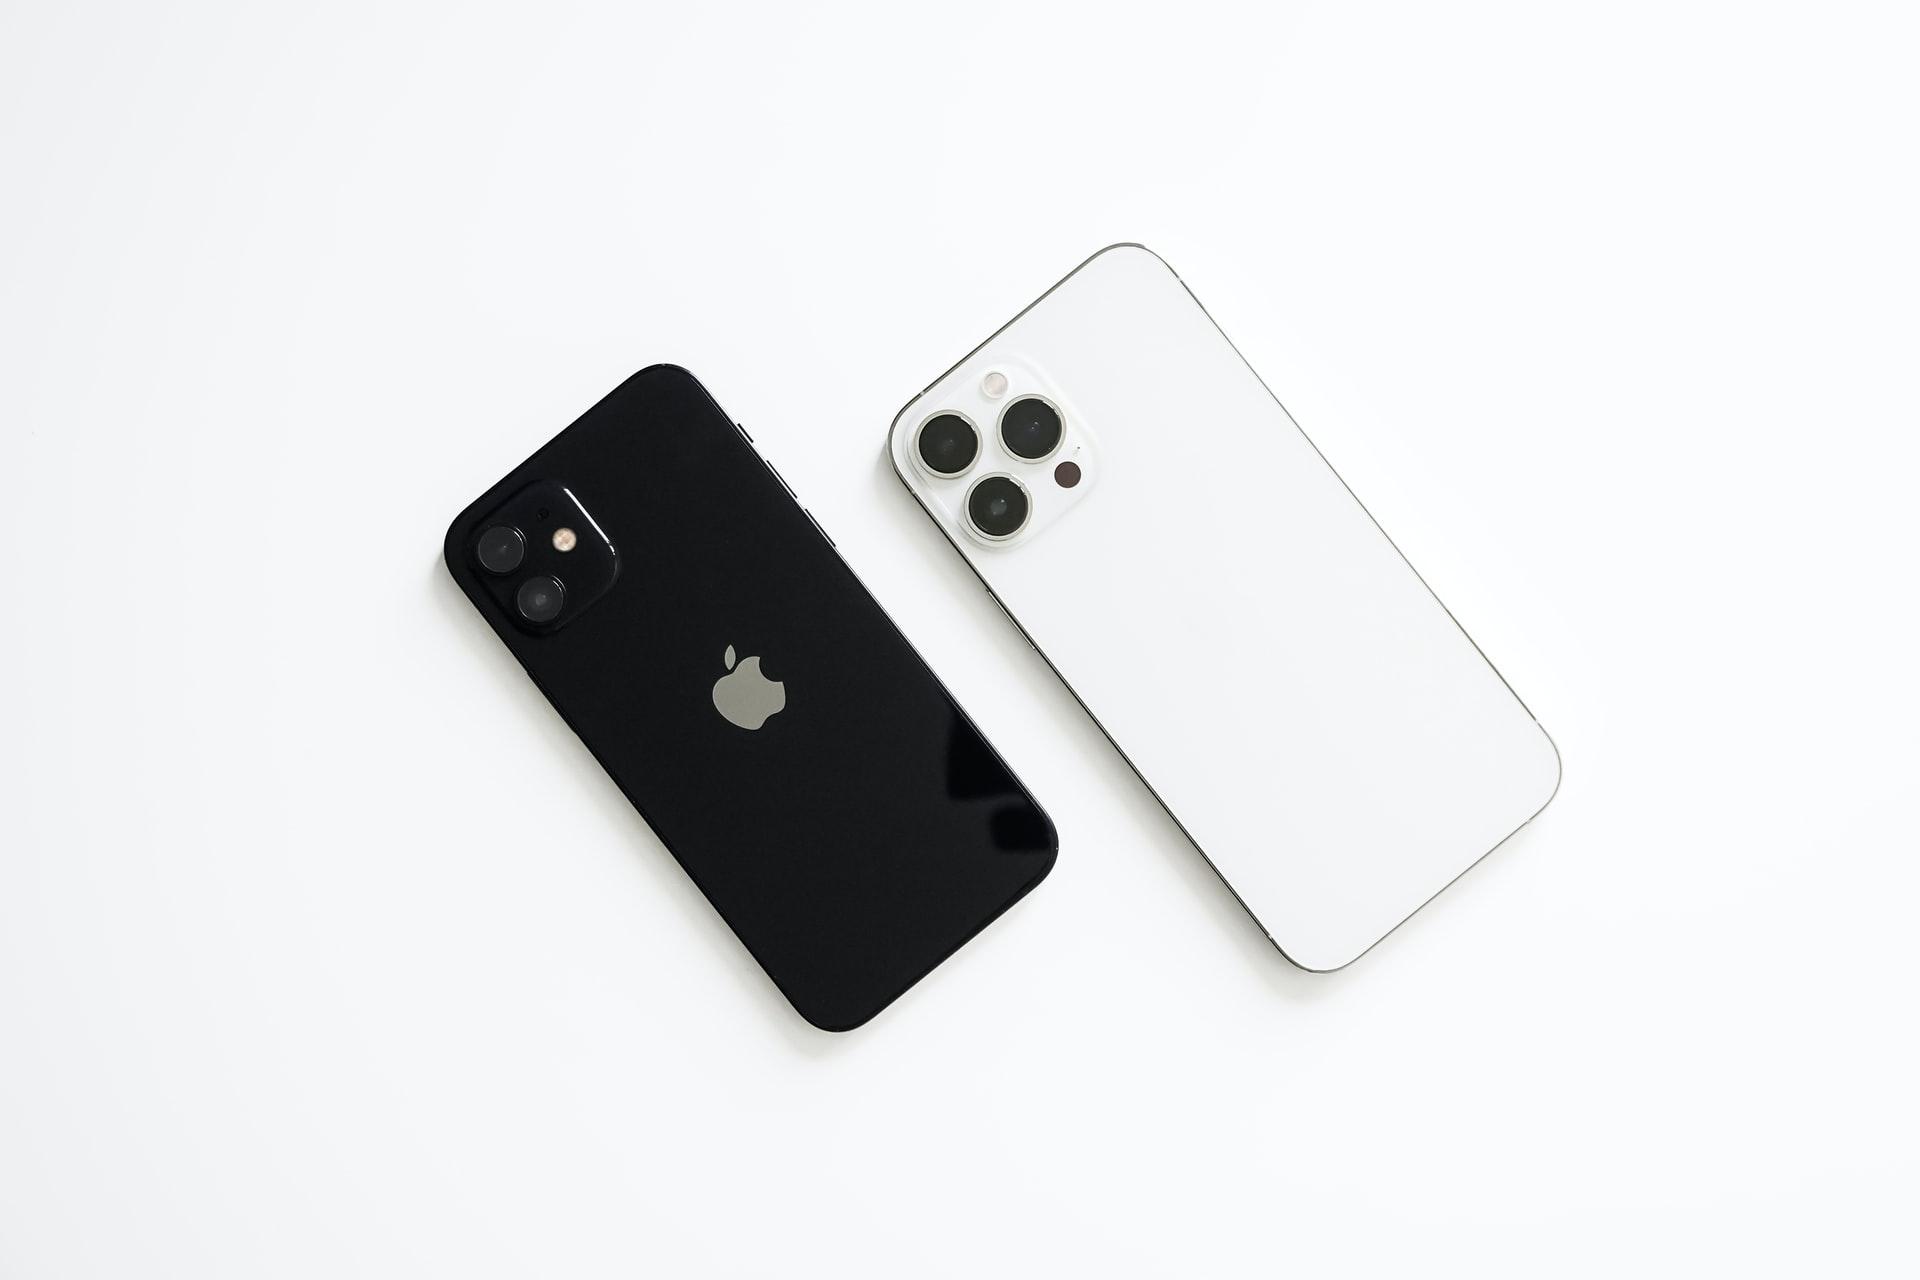 新型iPhone SE 3(第3世代)の発売日はいつ?指紋認証搭載?5Gに対応する?デザイン・スペック予想